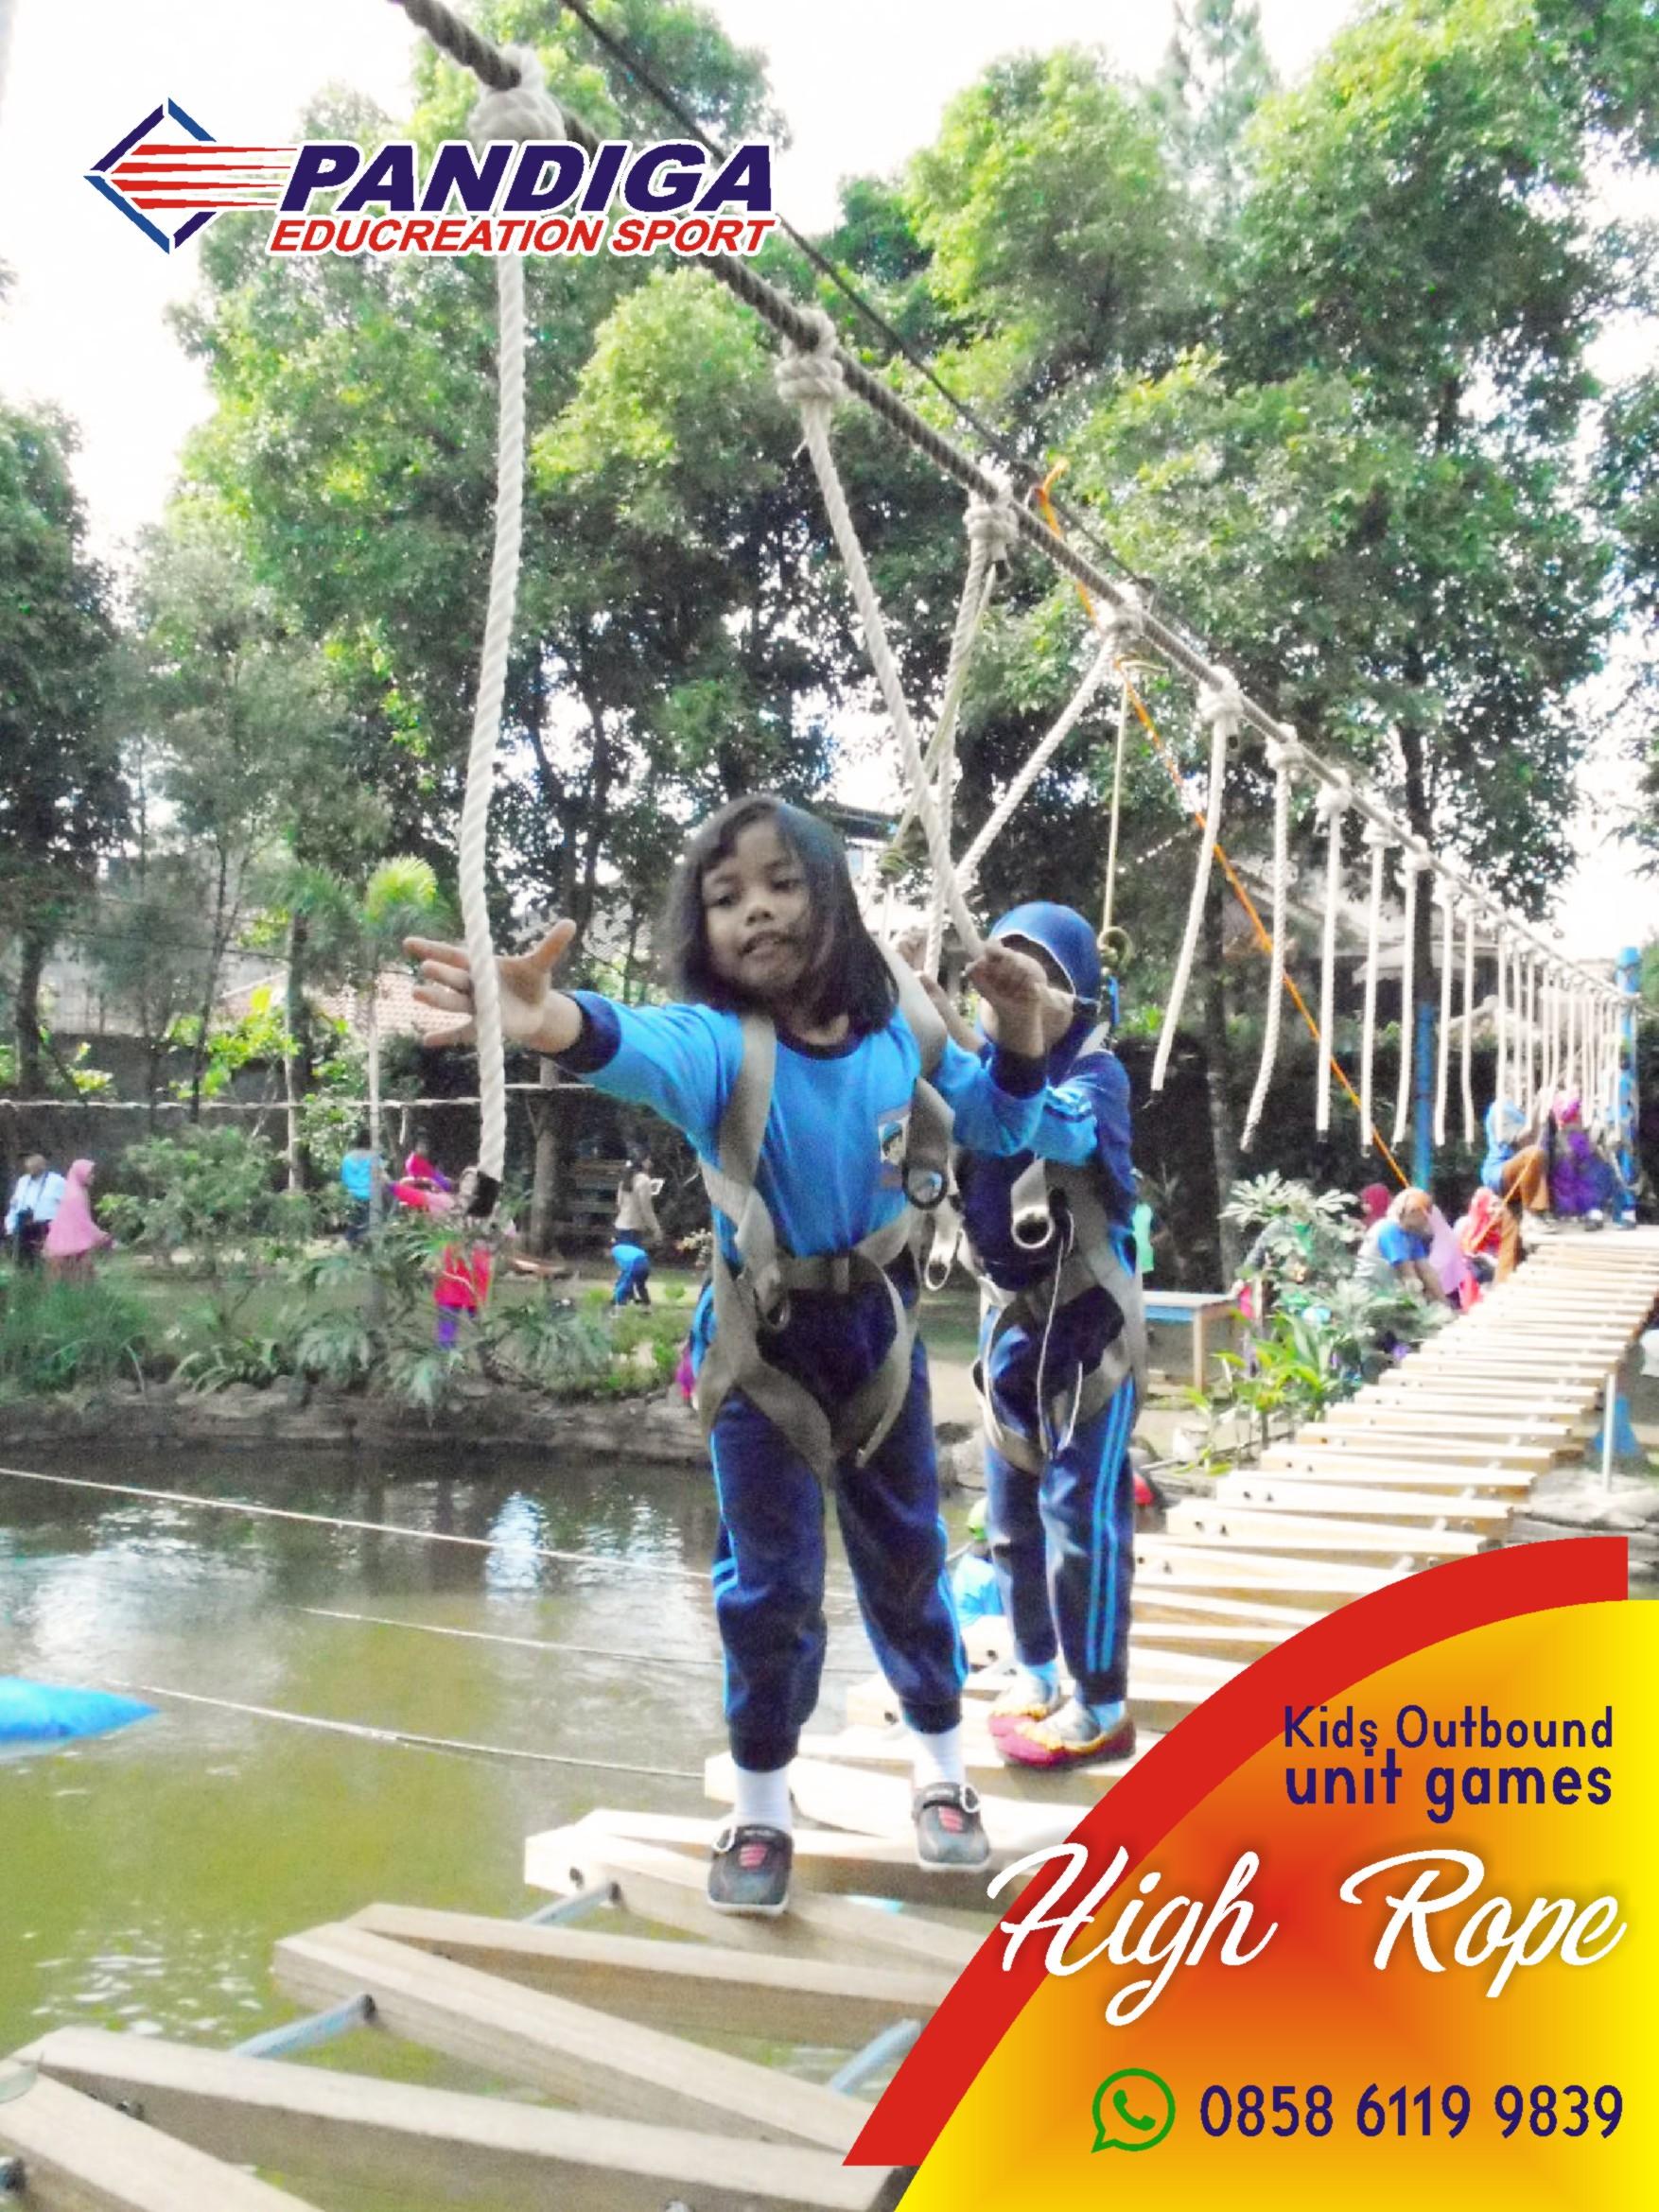 Pandiga Educreation Sport Wahana Wisata Keluarga Keren Di